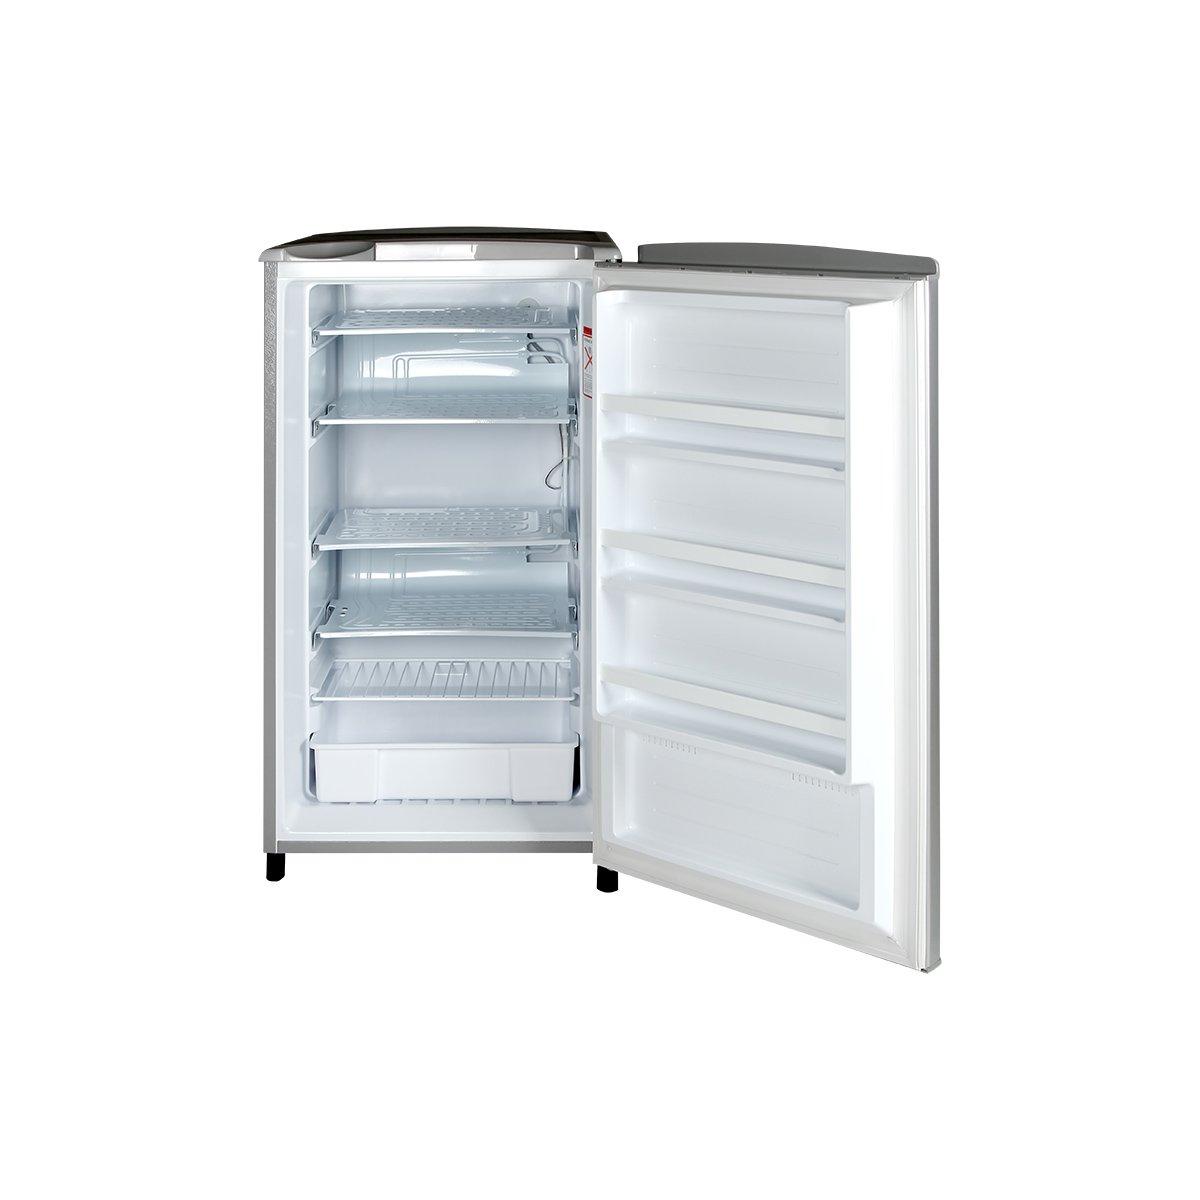 Freezer ASI Freezer Khusus ASIP Aqua 5 Rak